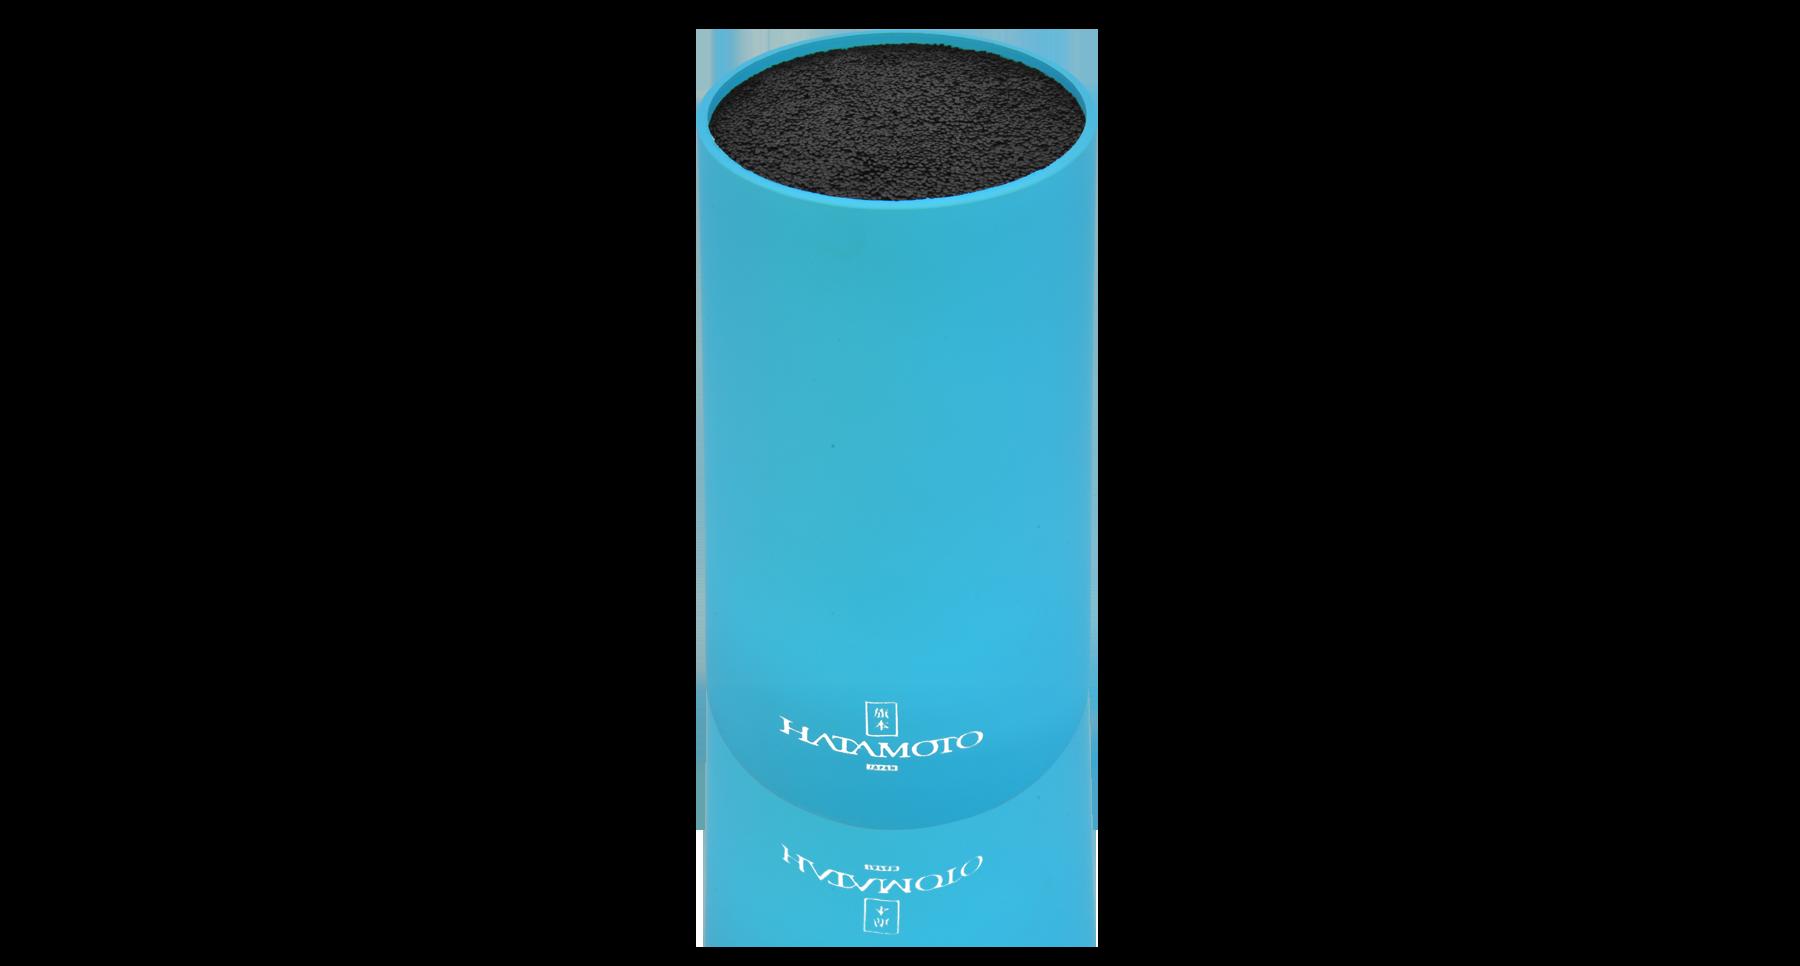 Подставка для ножей круглая HATAMOTO COLOR, голубая, пластик, 110*225мм форсунка для опрыскивателя стандартная угол 110 голубая kwazar